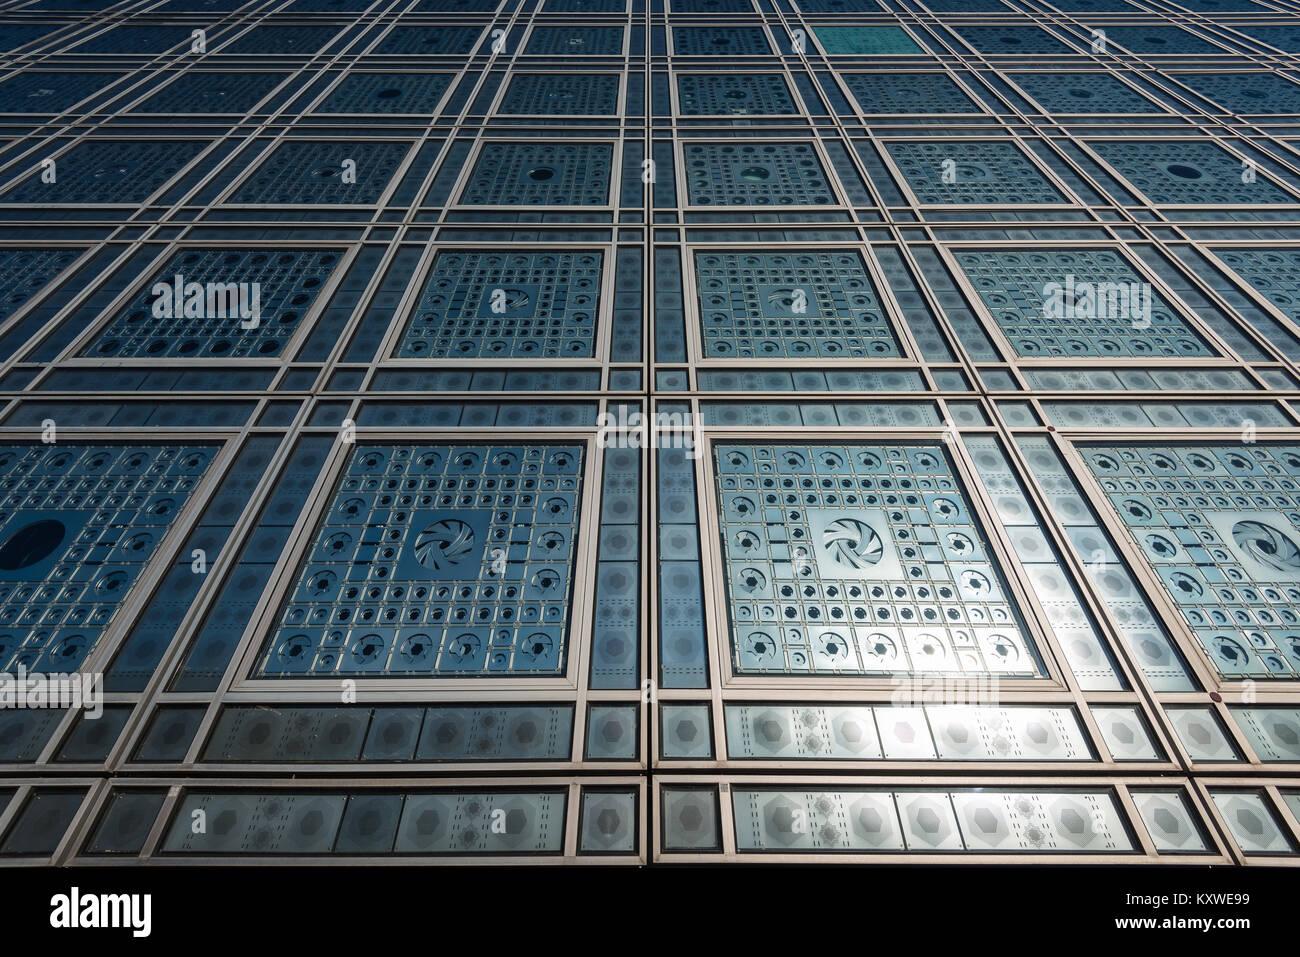 Arab World Institute (Institut du Monde Arabe) in Paris, France - Stock Image